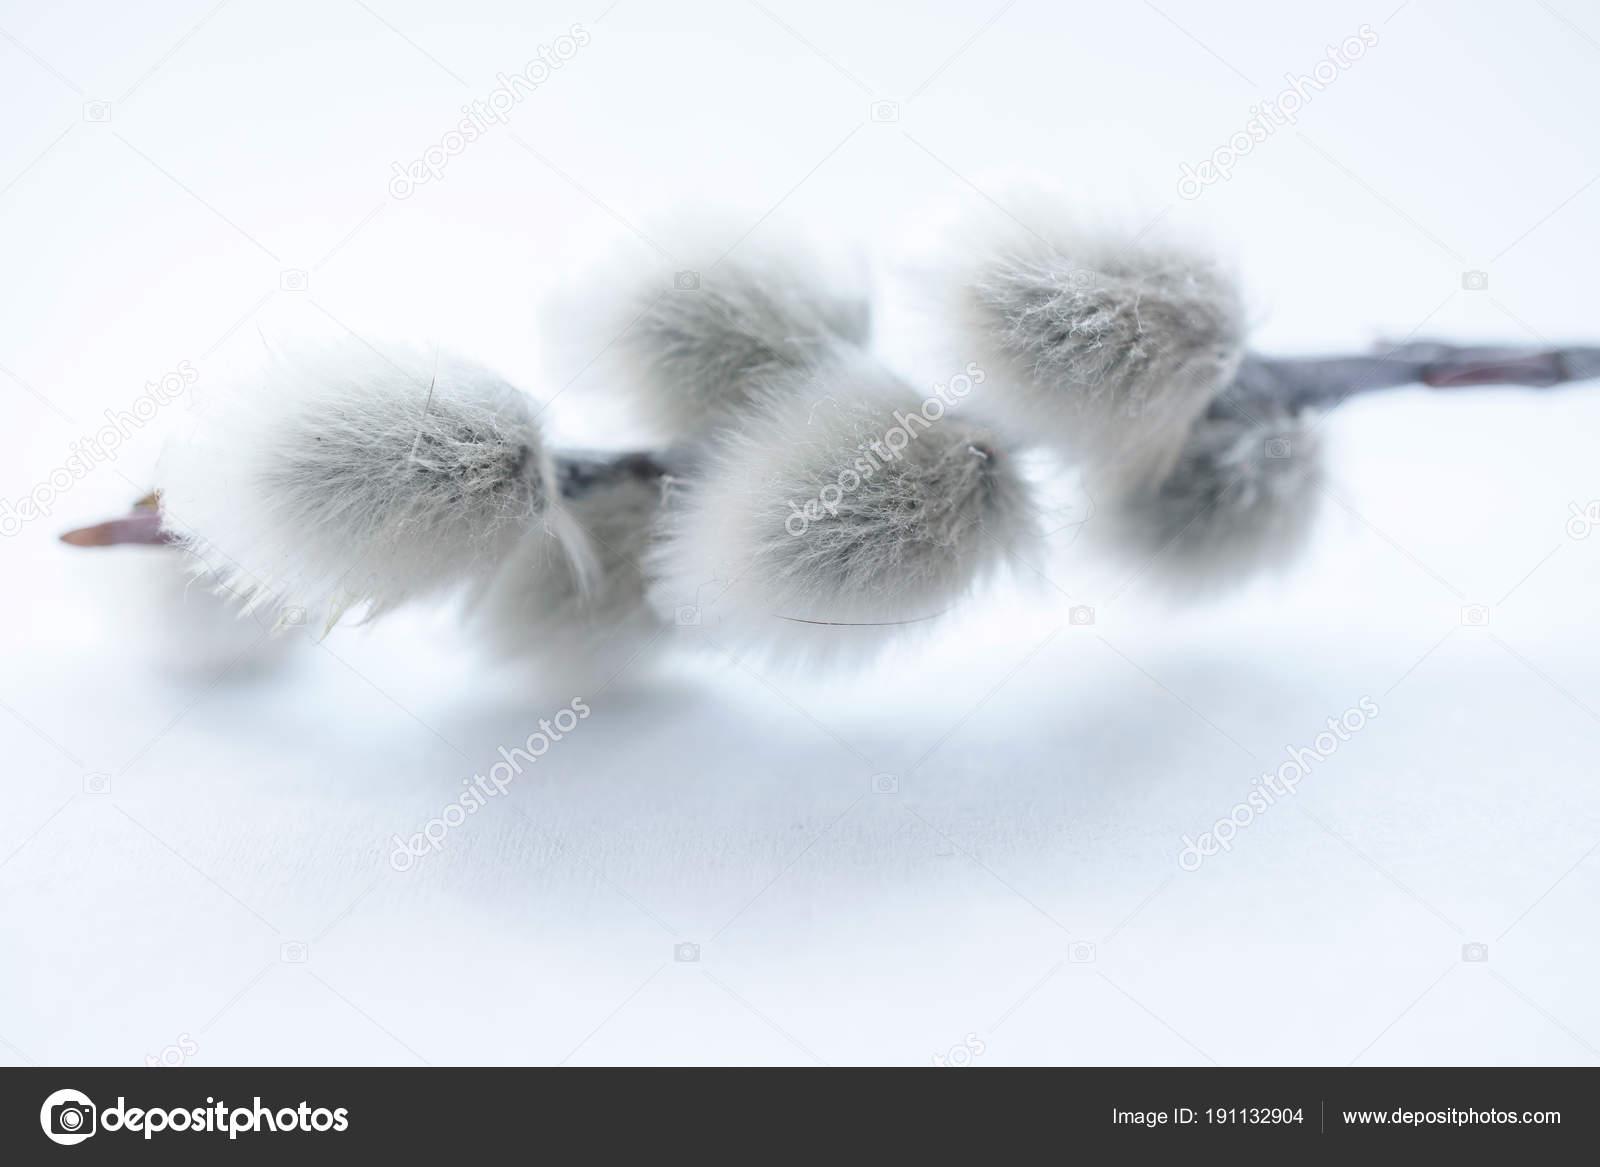 Μαύρο μουνί ιτιάς δέντρο